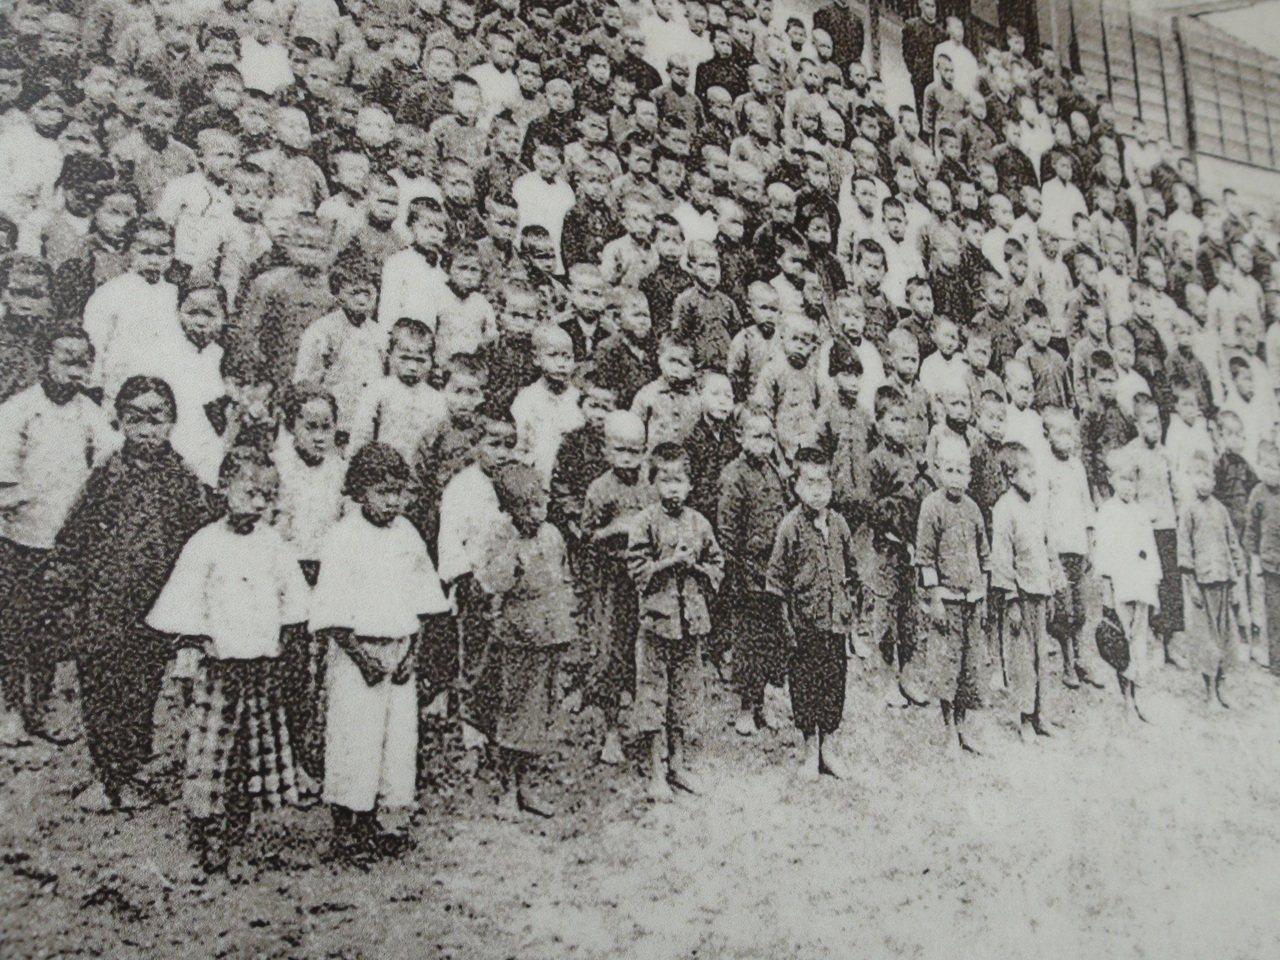 雲林縣林內國小將於下周慶祝創校一百周年,這次校慶校方蒐集許多老照片,其中一張日據...